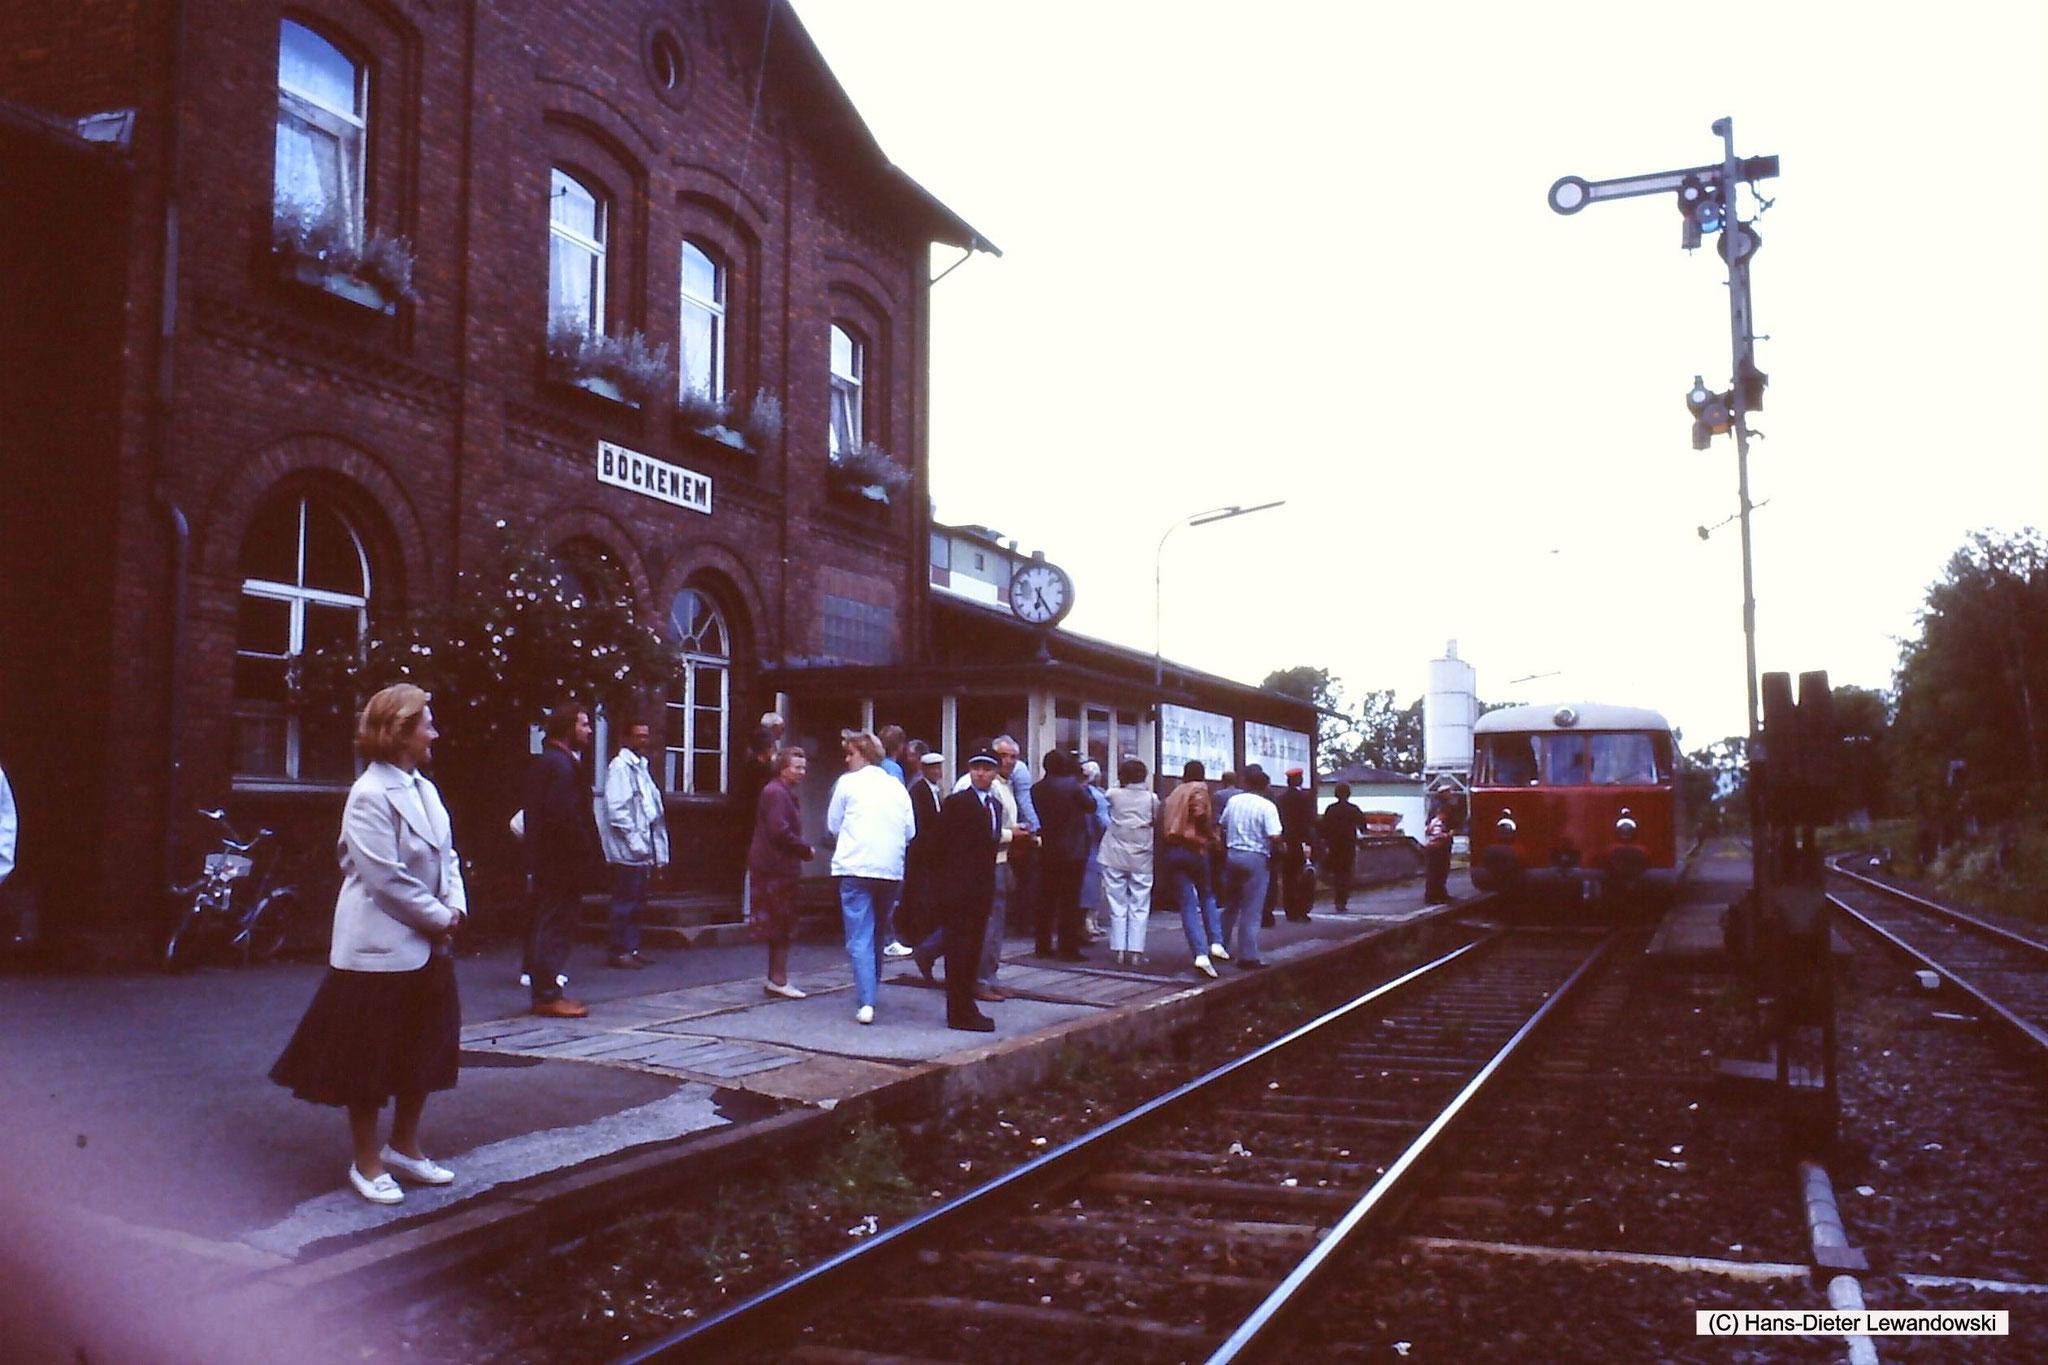 Bahnhof Bockenem mit MAN - VT 1 der Dampflok-Gemeinschaft 41 096 e.V.